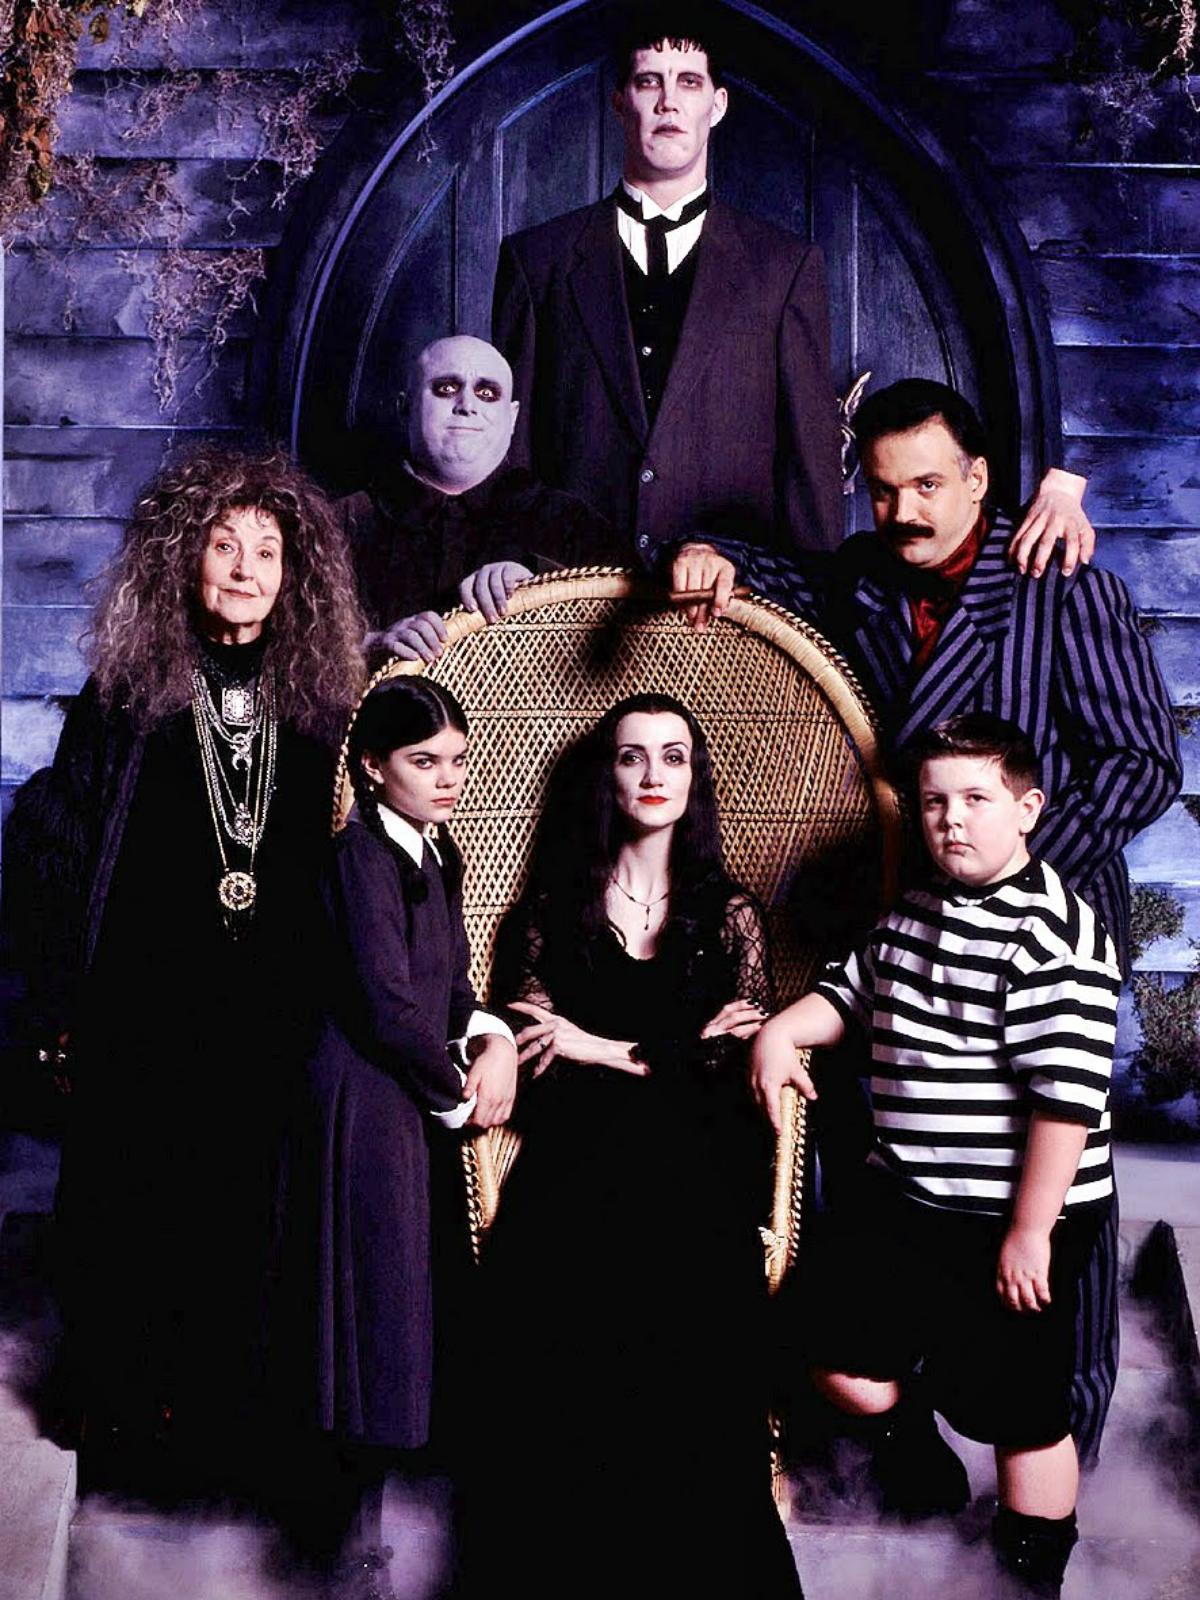 La nueva familia Addams - Serie 1998 - SensaCine.com